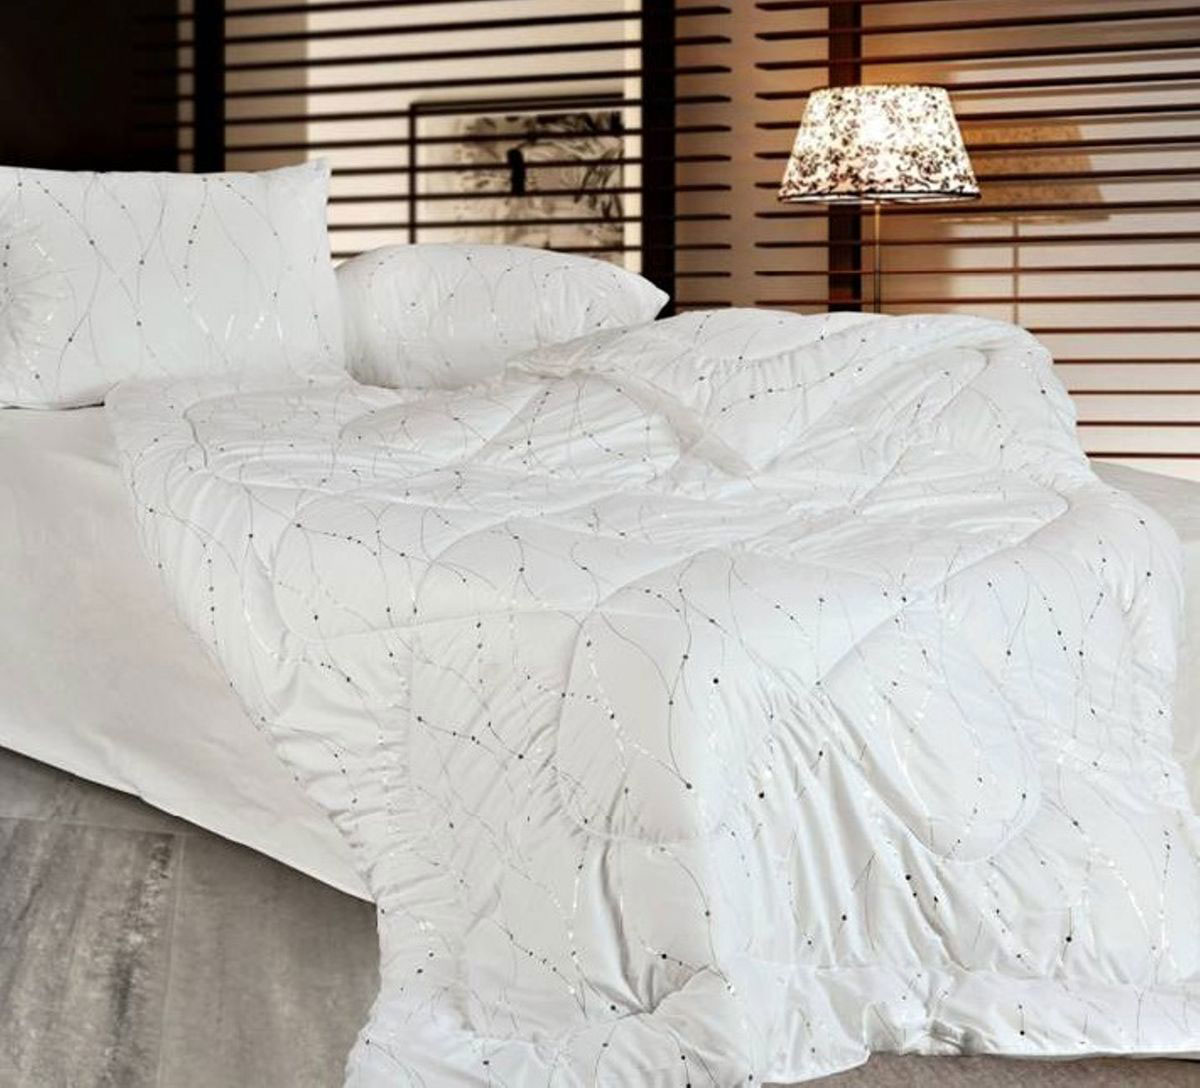 Одеяло Home & Style, наполнитель: соевое волокно, цвет: белый, 172 х 205 см182908Классическое одеяло с экологичным наполнителем и стильным верхом - серебро на белом фоне - простегано - значит, наполнитель внутри будет всегда распределен равномерно. Чехол одеяла Home & Style выполнен из микрофибры. Наполнитель - соевое волокно. Размер: 172 х 205 см.